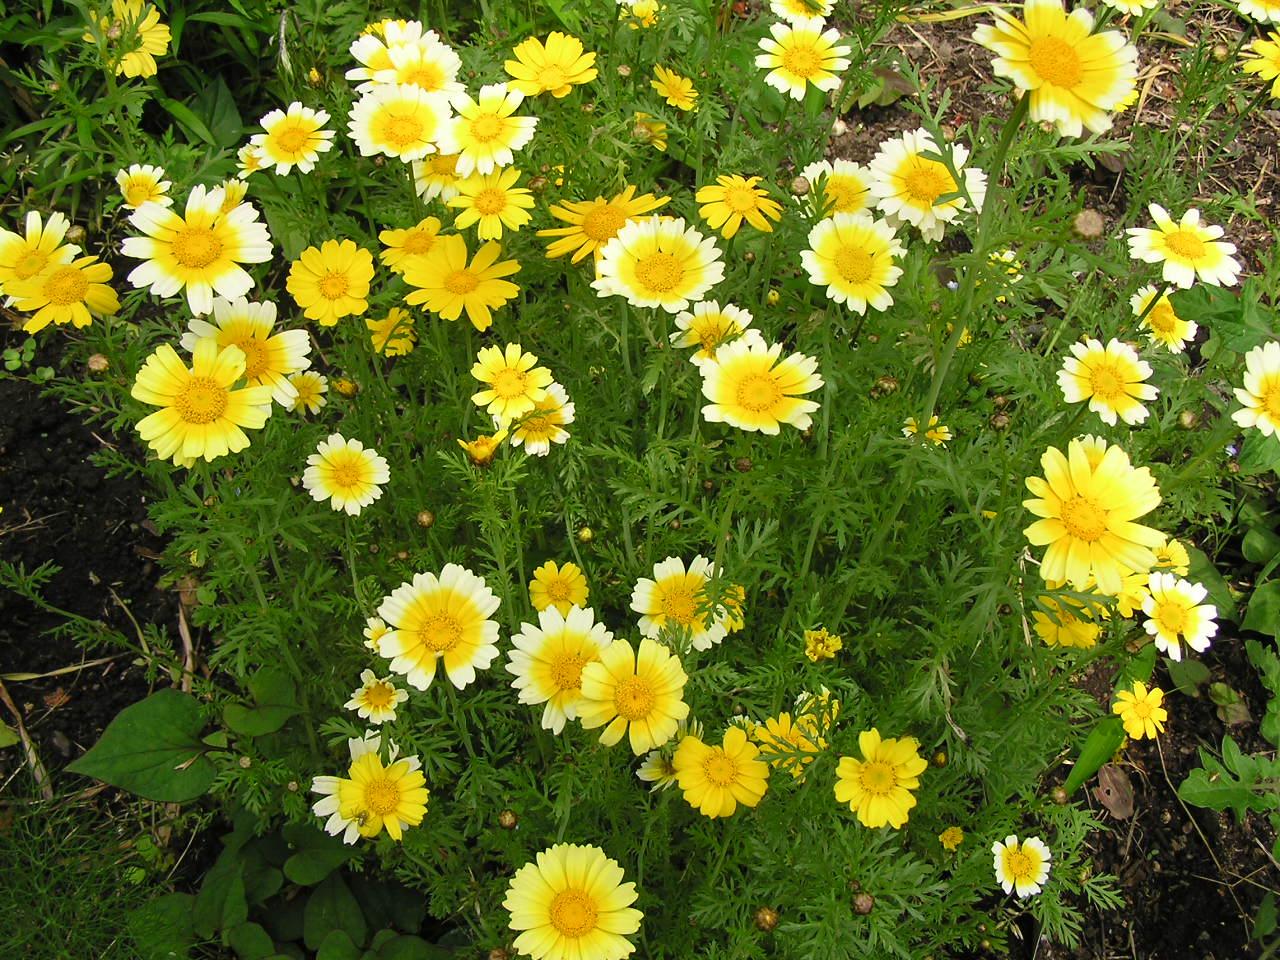 春菊の花 21, 2006 春菊の花 信じられないけど、春菊の花です。 食べそびれた春菊を畑に放